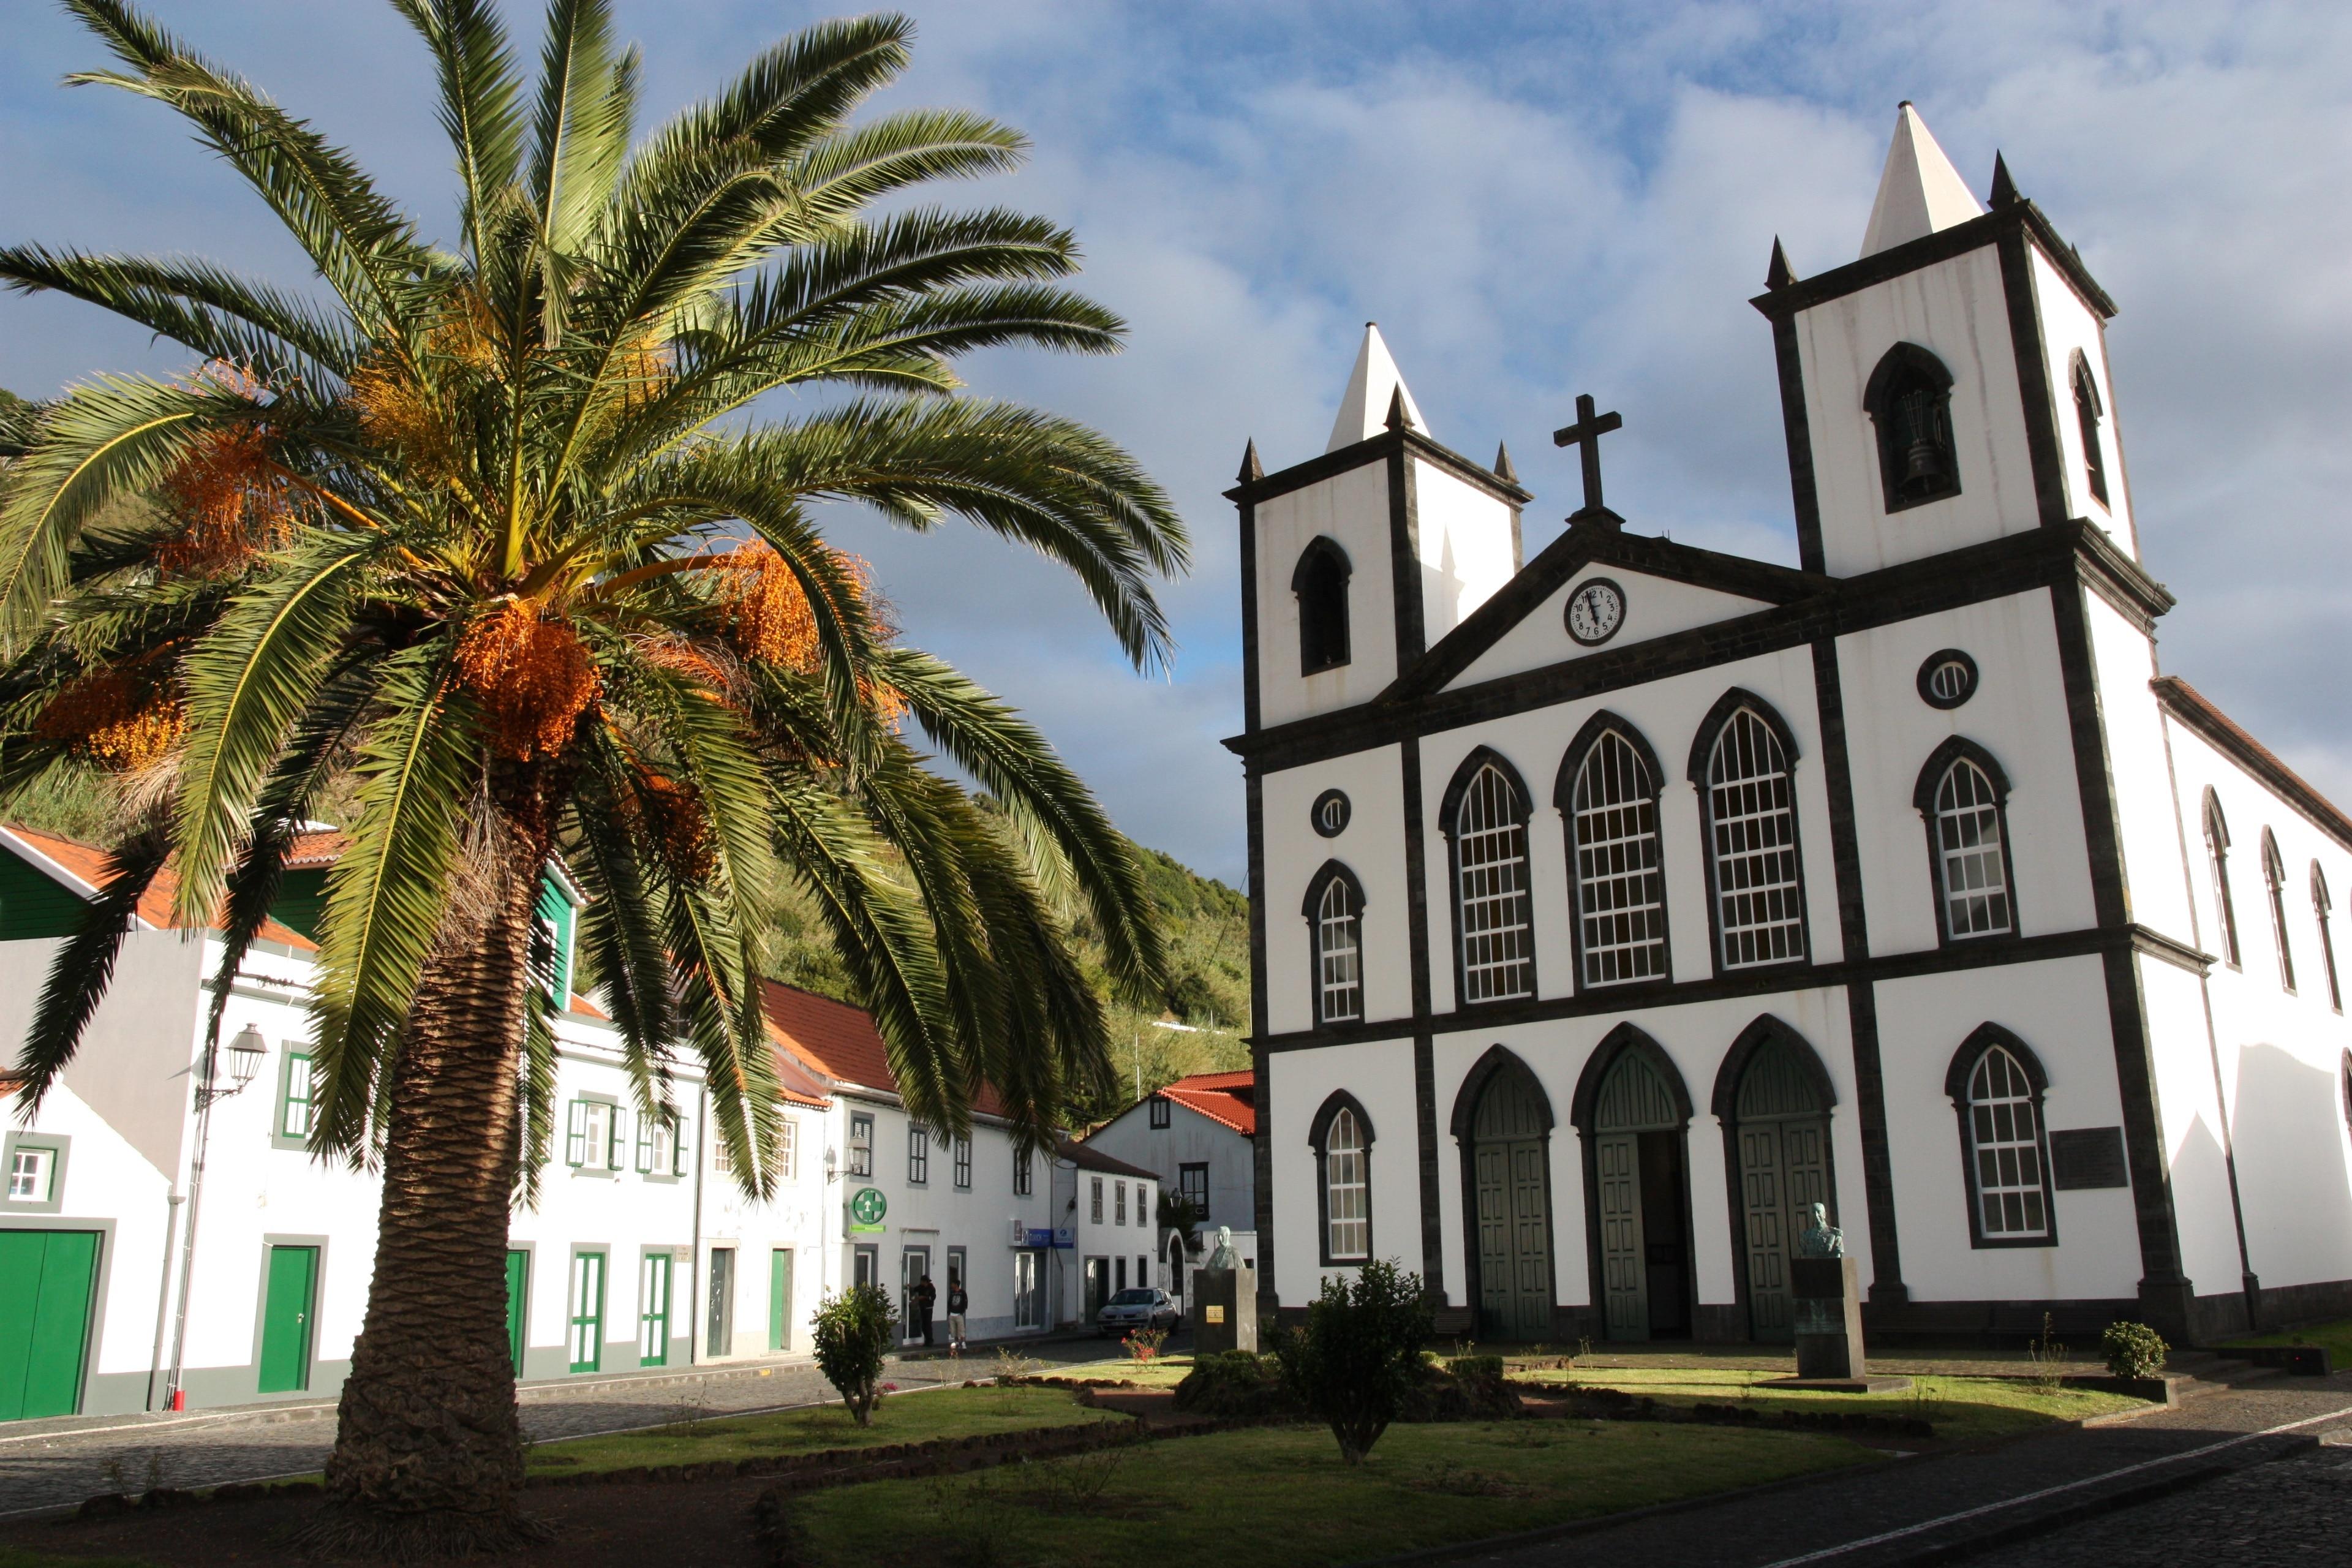 Horta, Azoren, Portugal